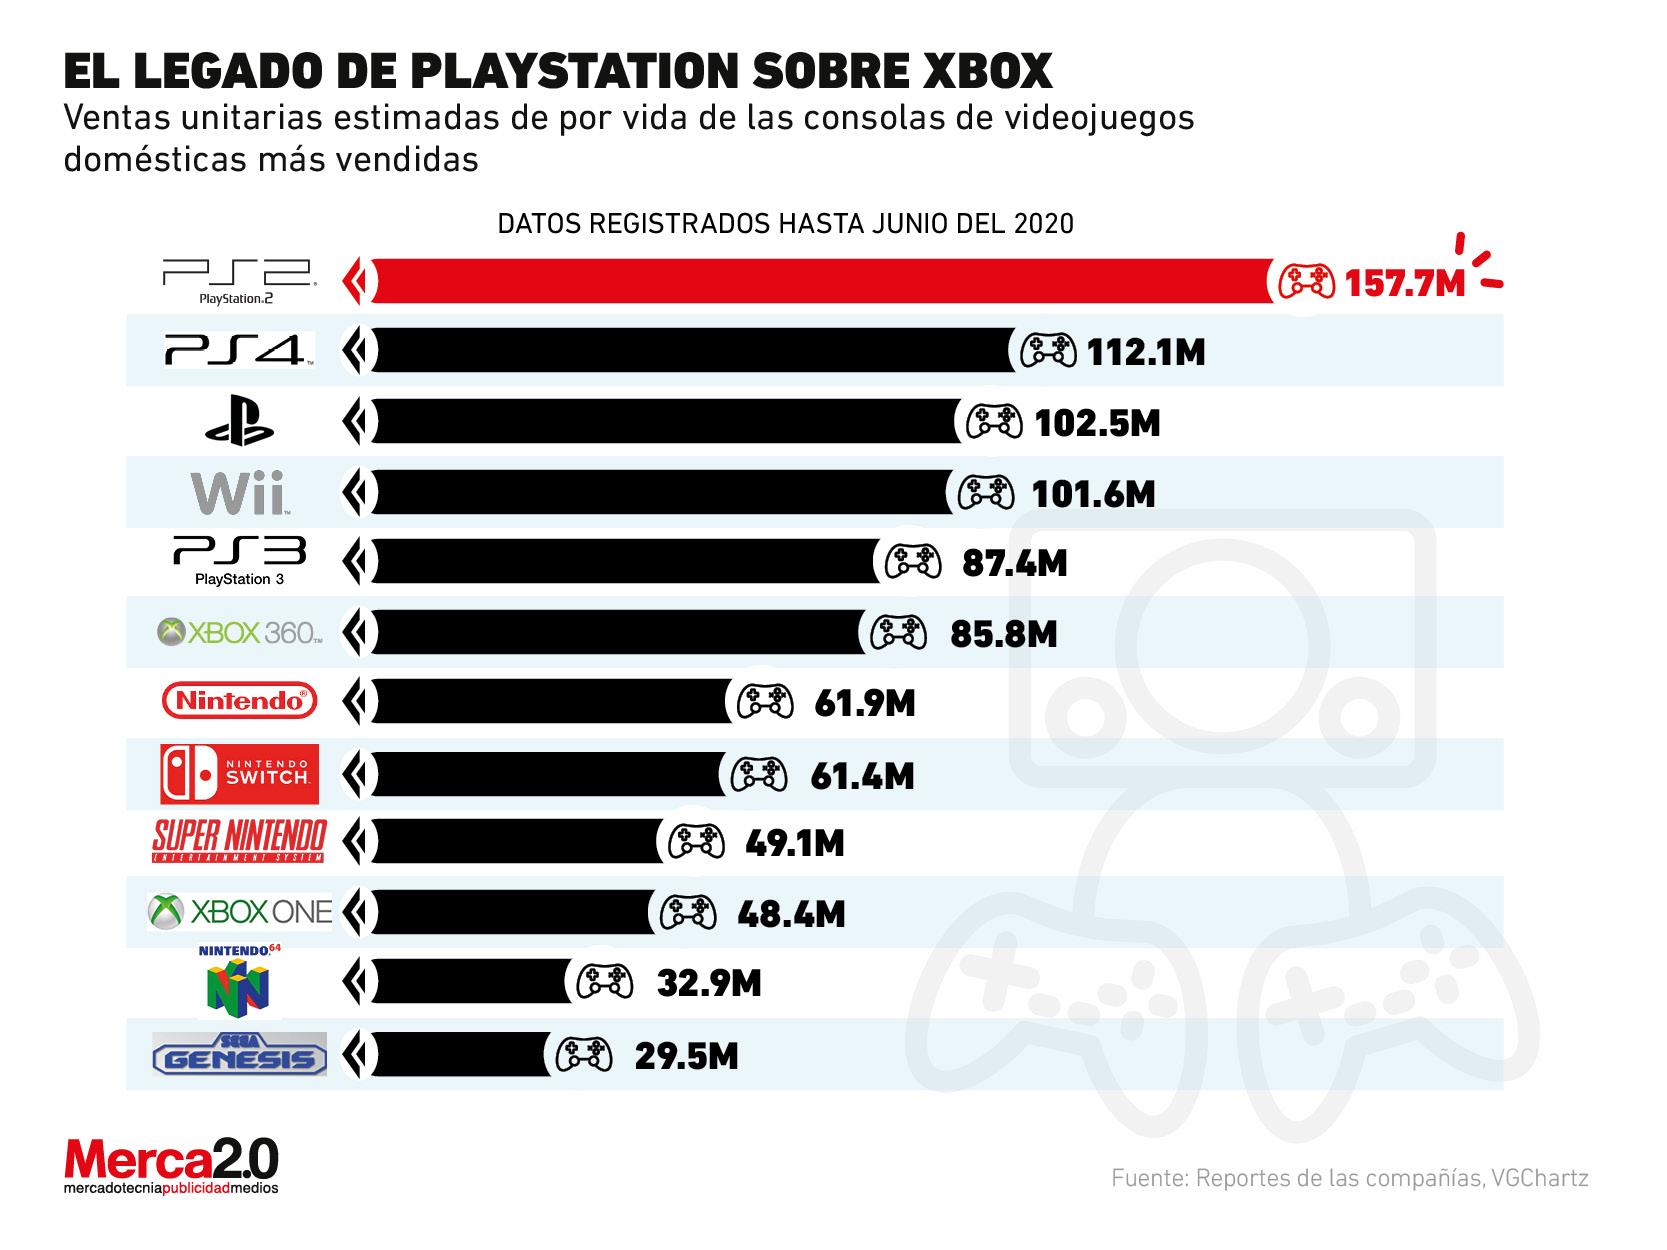 ¿Las compras de Xbox serán suficientes para derrotar a PlayStation?